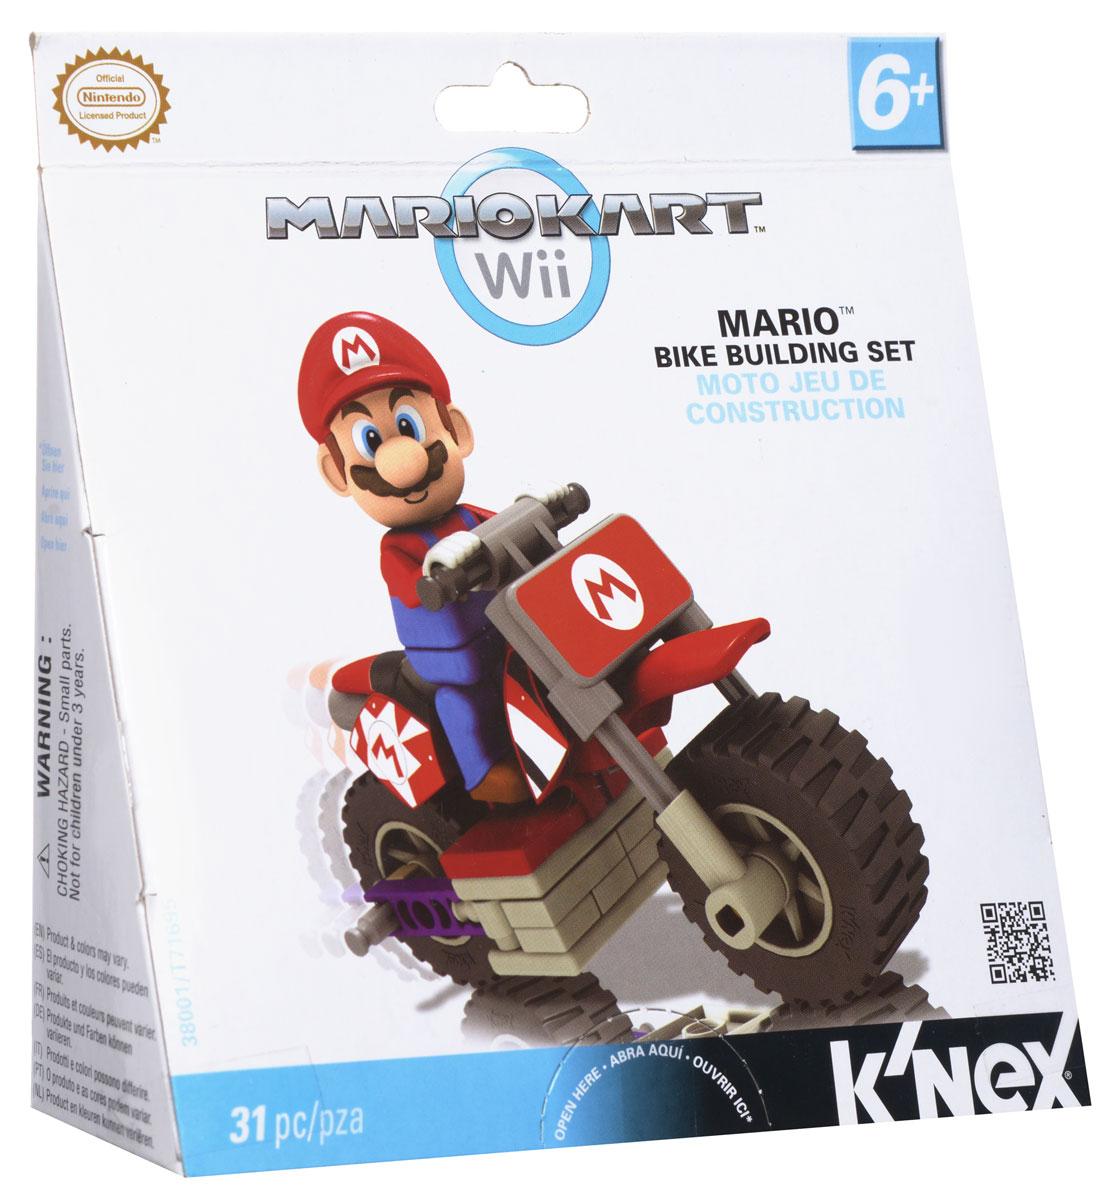 Knex Конструктор Транспорт Mario цвет красный38001/T71695Конструктор Knex Транспорт Mario понравится всем поклонникам видеоигры от компании Nintendo. Все элементы выполнены из прочного и безопасного материала. В комплект входит 31 элемент конструктора, включая фигурку любимого героя. С помощью элементов конструктора ребенок сможет собрать мотоцикл и фигурку. Ваш ребенок будет часами играть с этим конструктором и фигуркой, придумывая различные истории.